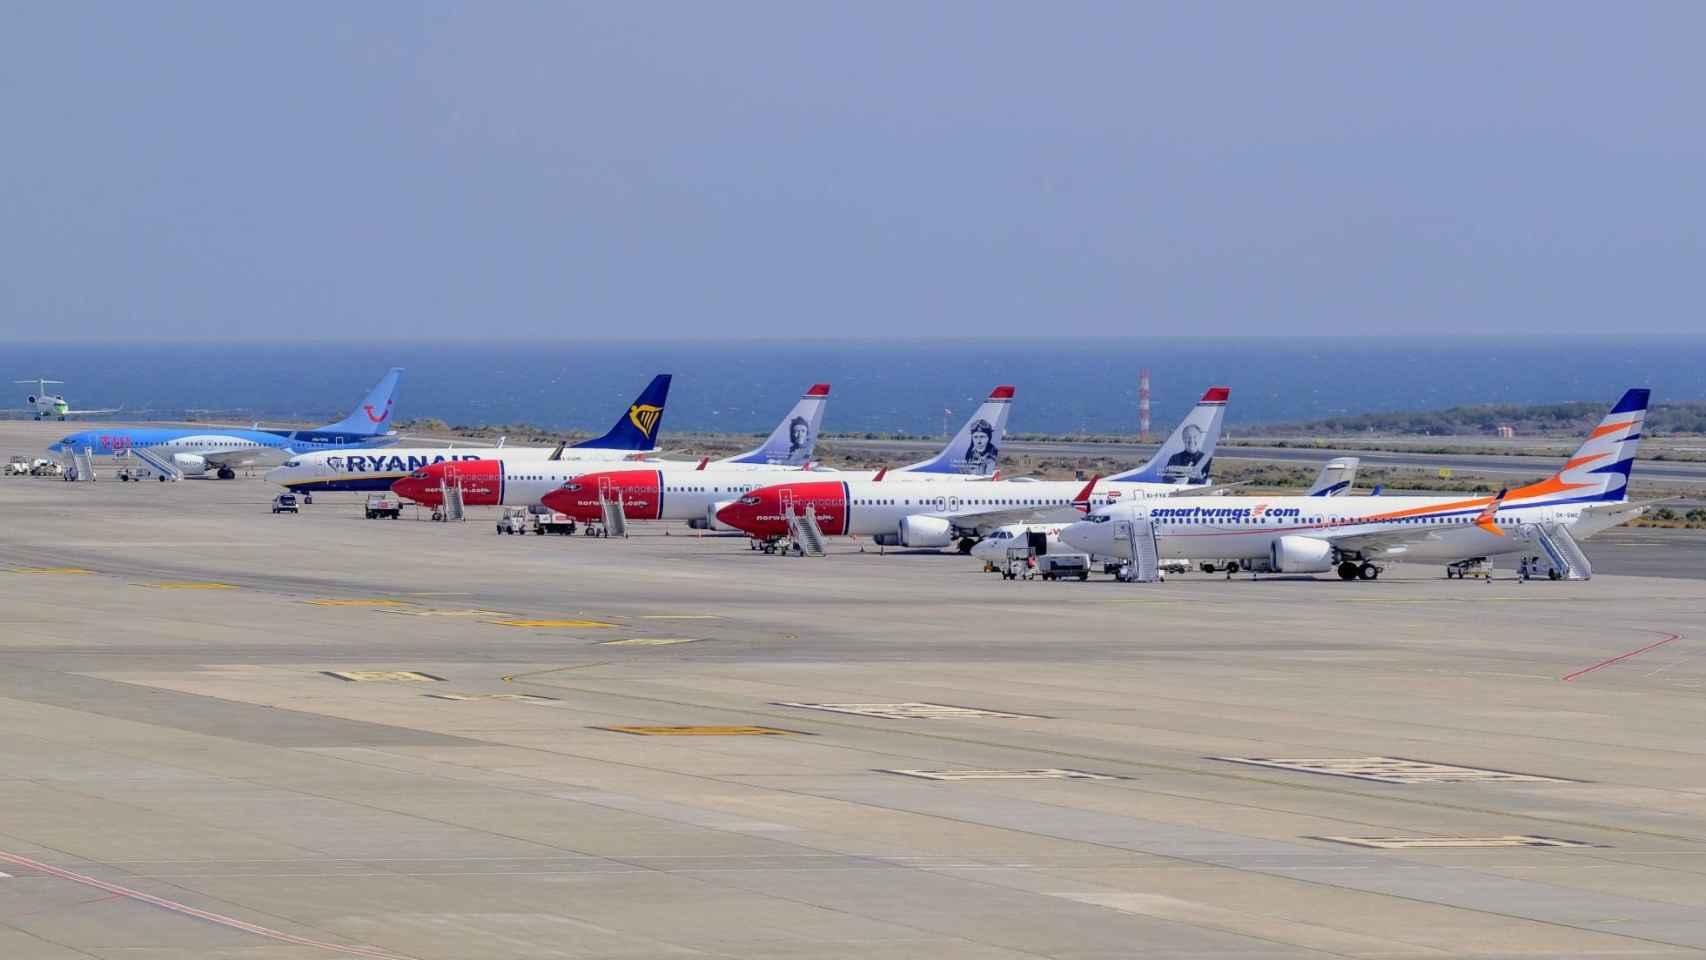 Aviones Boeing 737 Max estacionados en el aeropuerto de Gran Canaria.